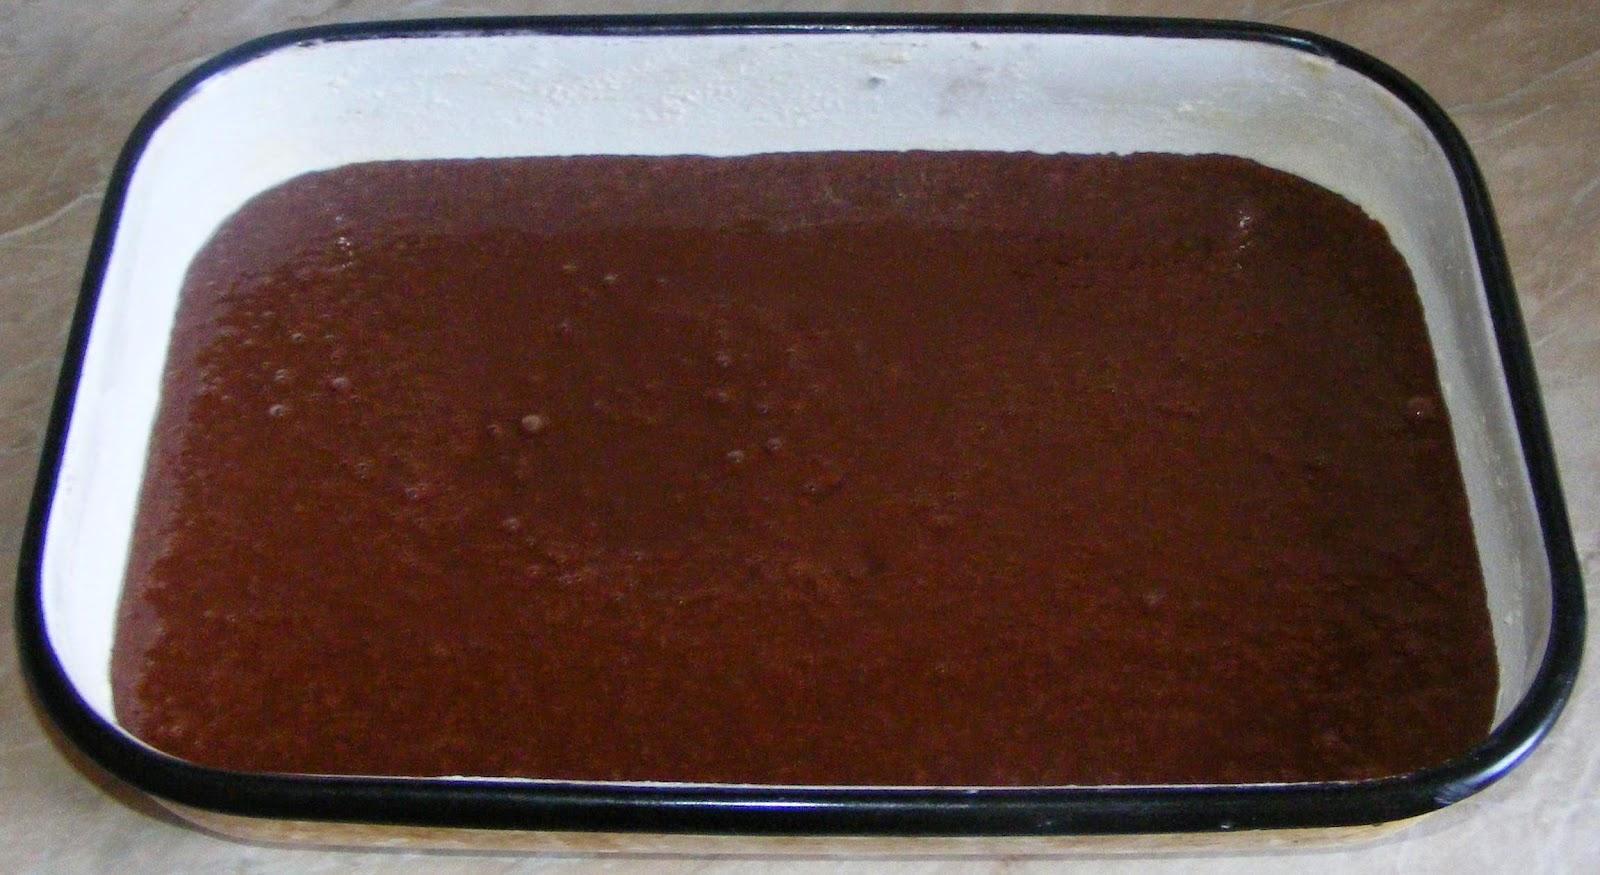 preparare prajitura negresa, preparare negresa, preparare compozitie negresa, preparare blat negresa, reteta prajitura negresa, retete prajitura negresa, cum se prepara negresa, cum facem negresa, cum preparam prajitura negresa, retete culinare,